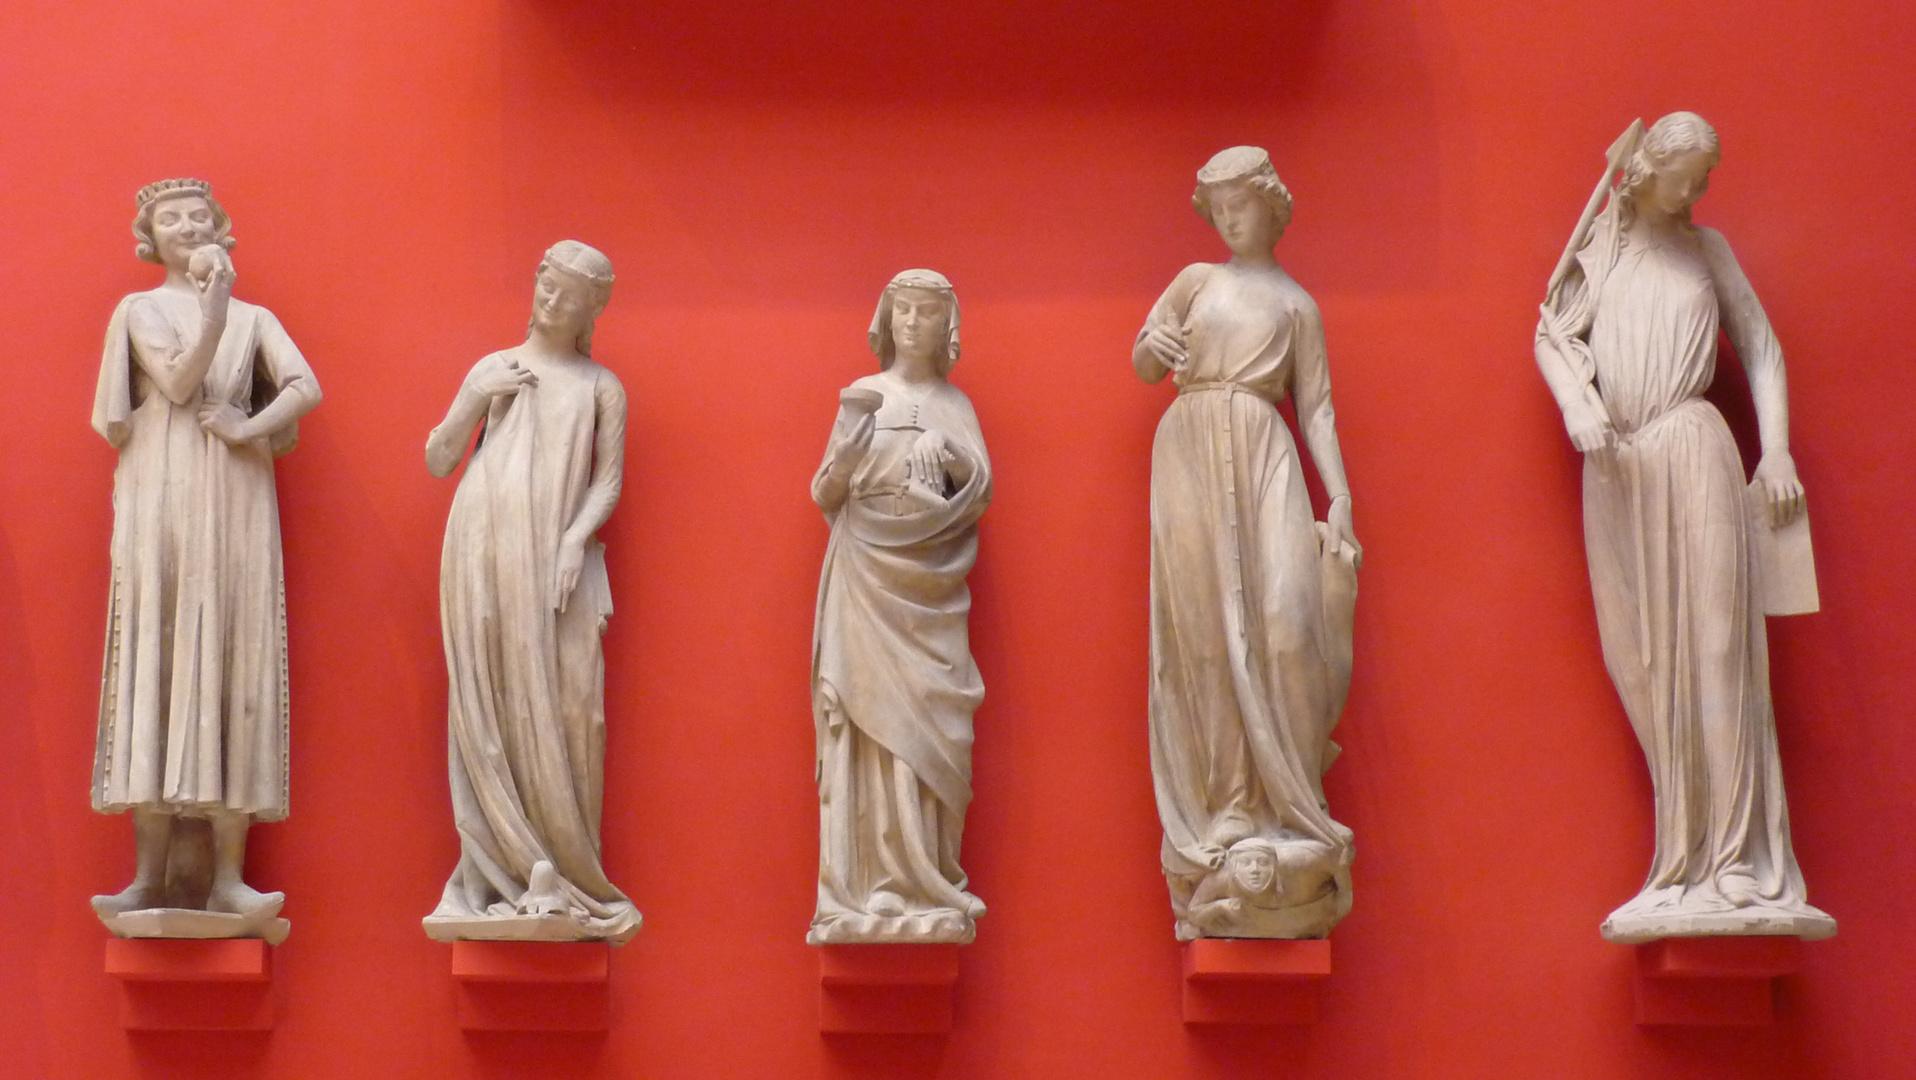 Les demoiselles, Palais de Chaillot, Paris, Juillet 2010.